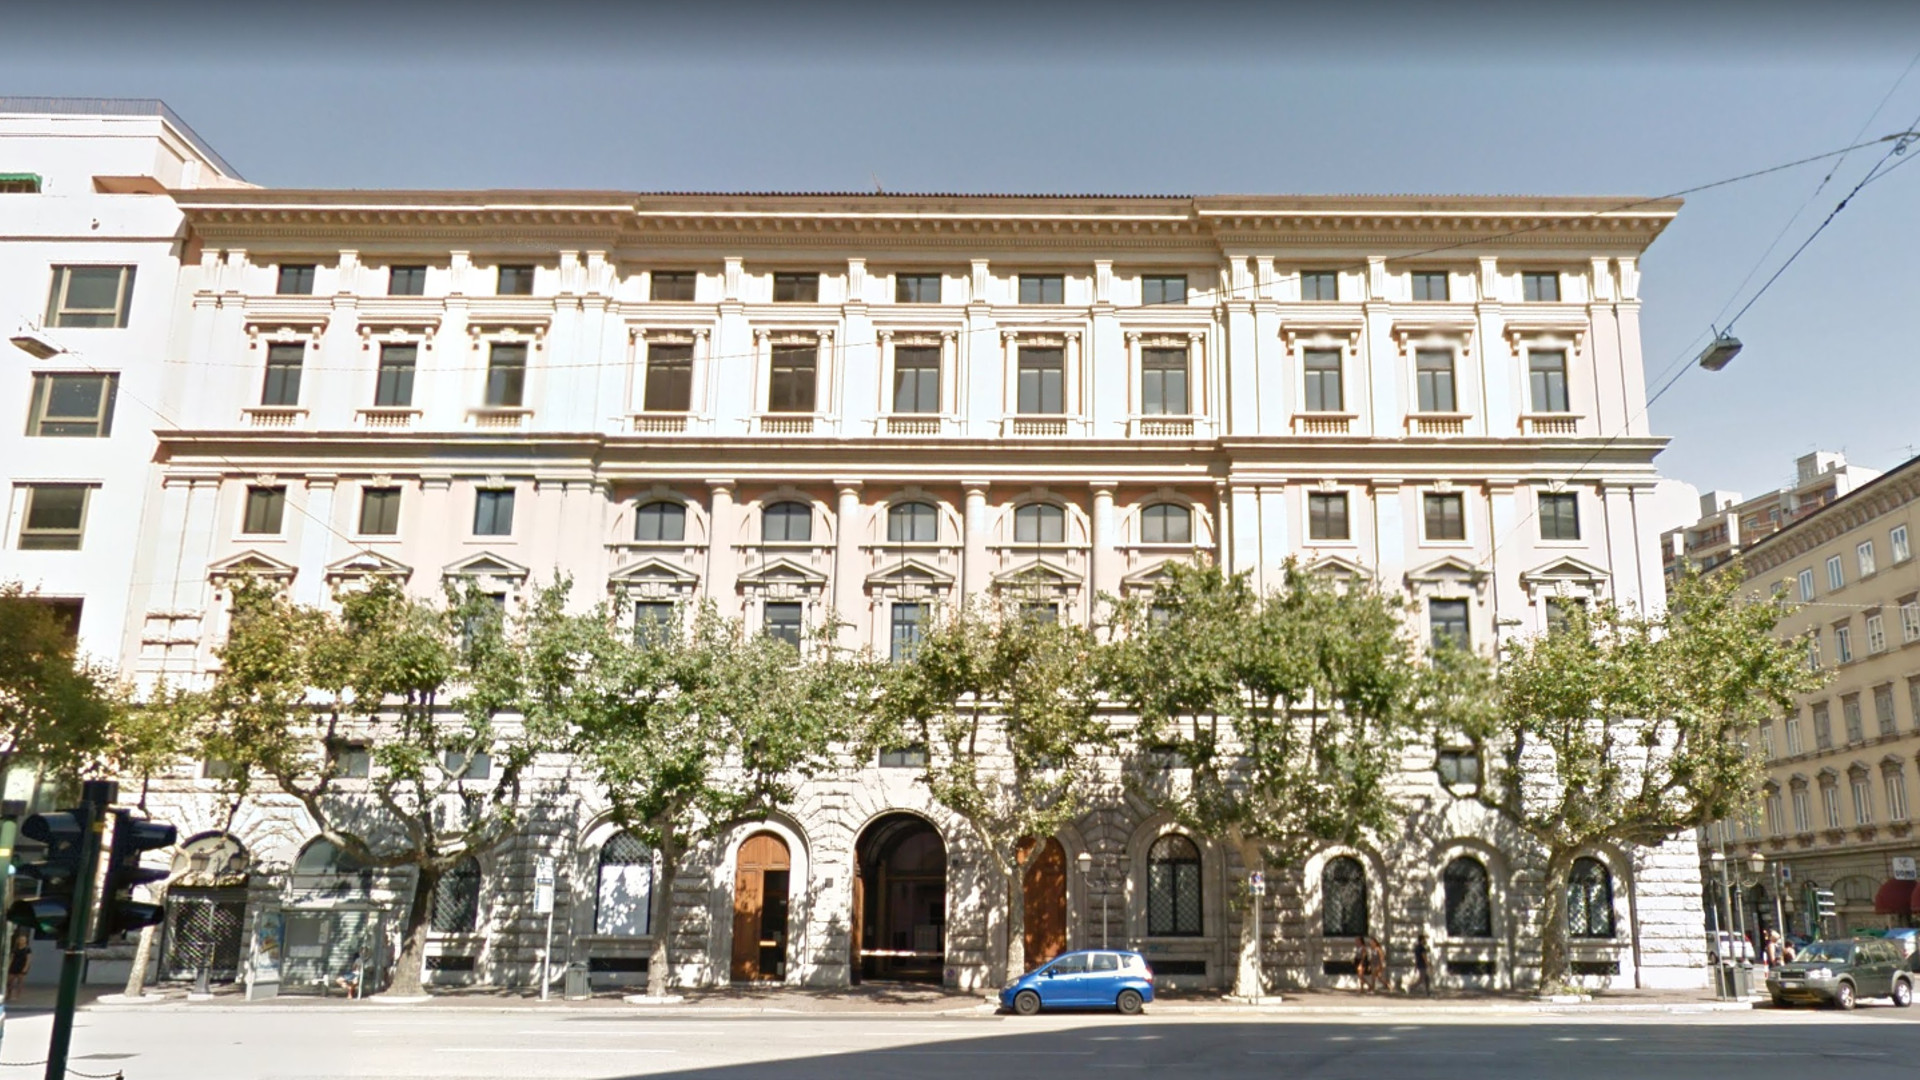 Palazzo della Regione Friuli Venezia Giulia